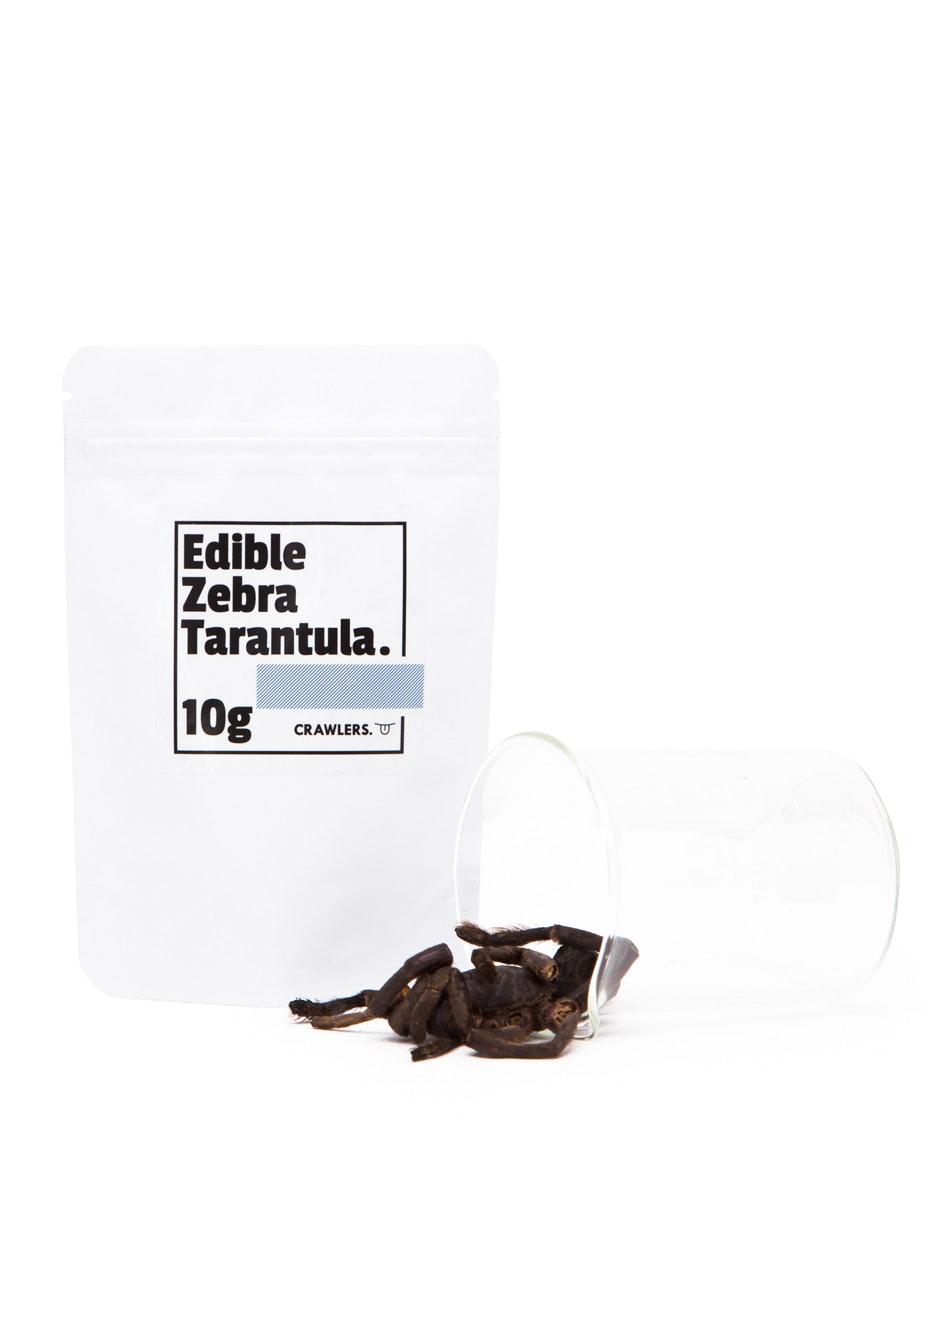 Crawlers - EDIBLE ZEBRA TARANTULA